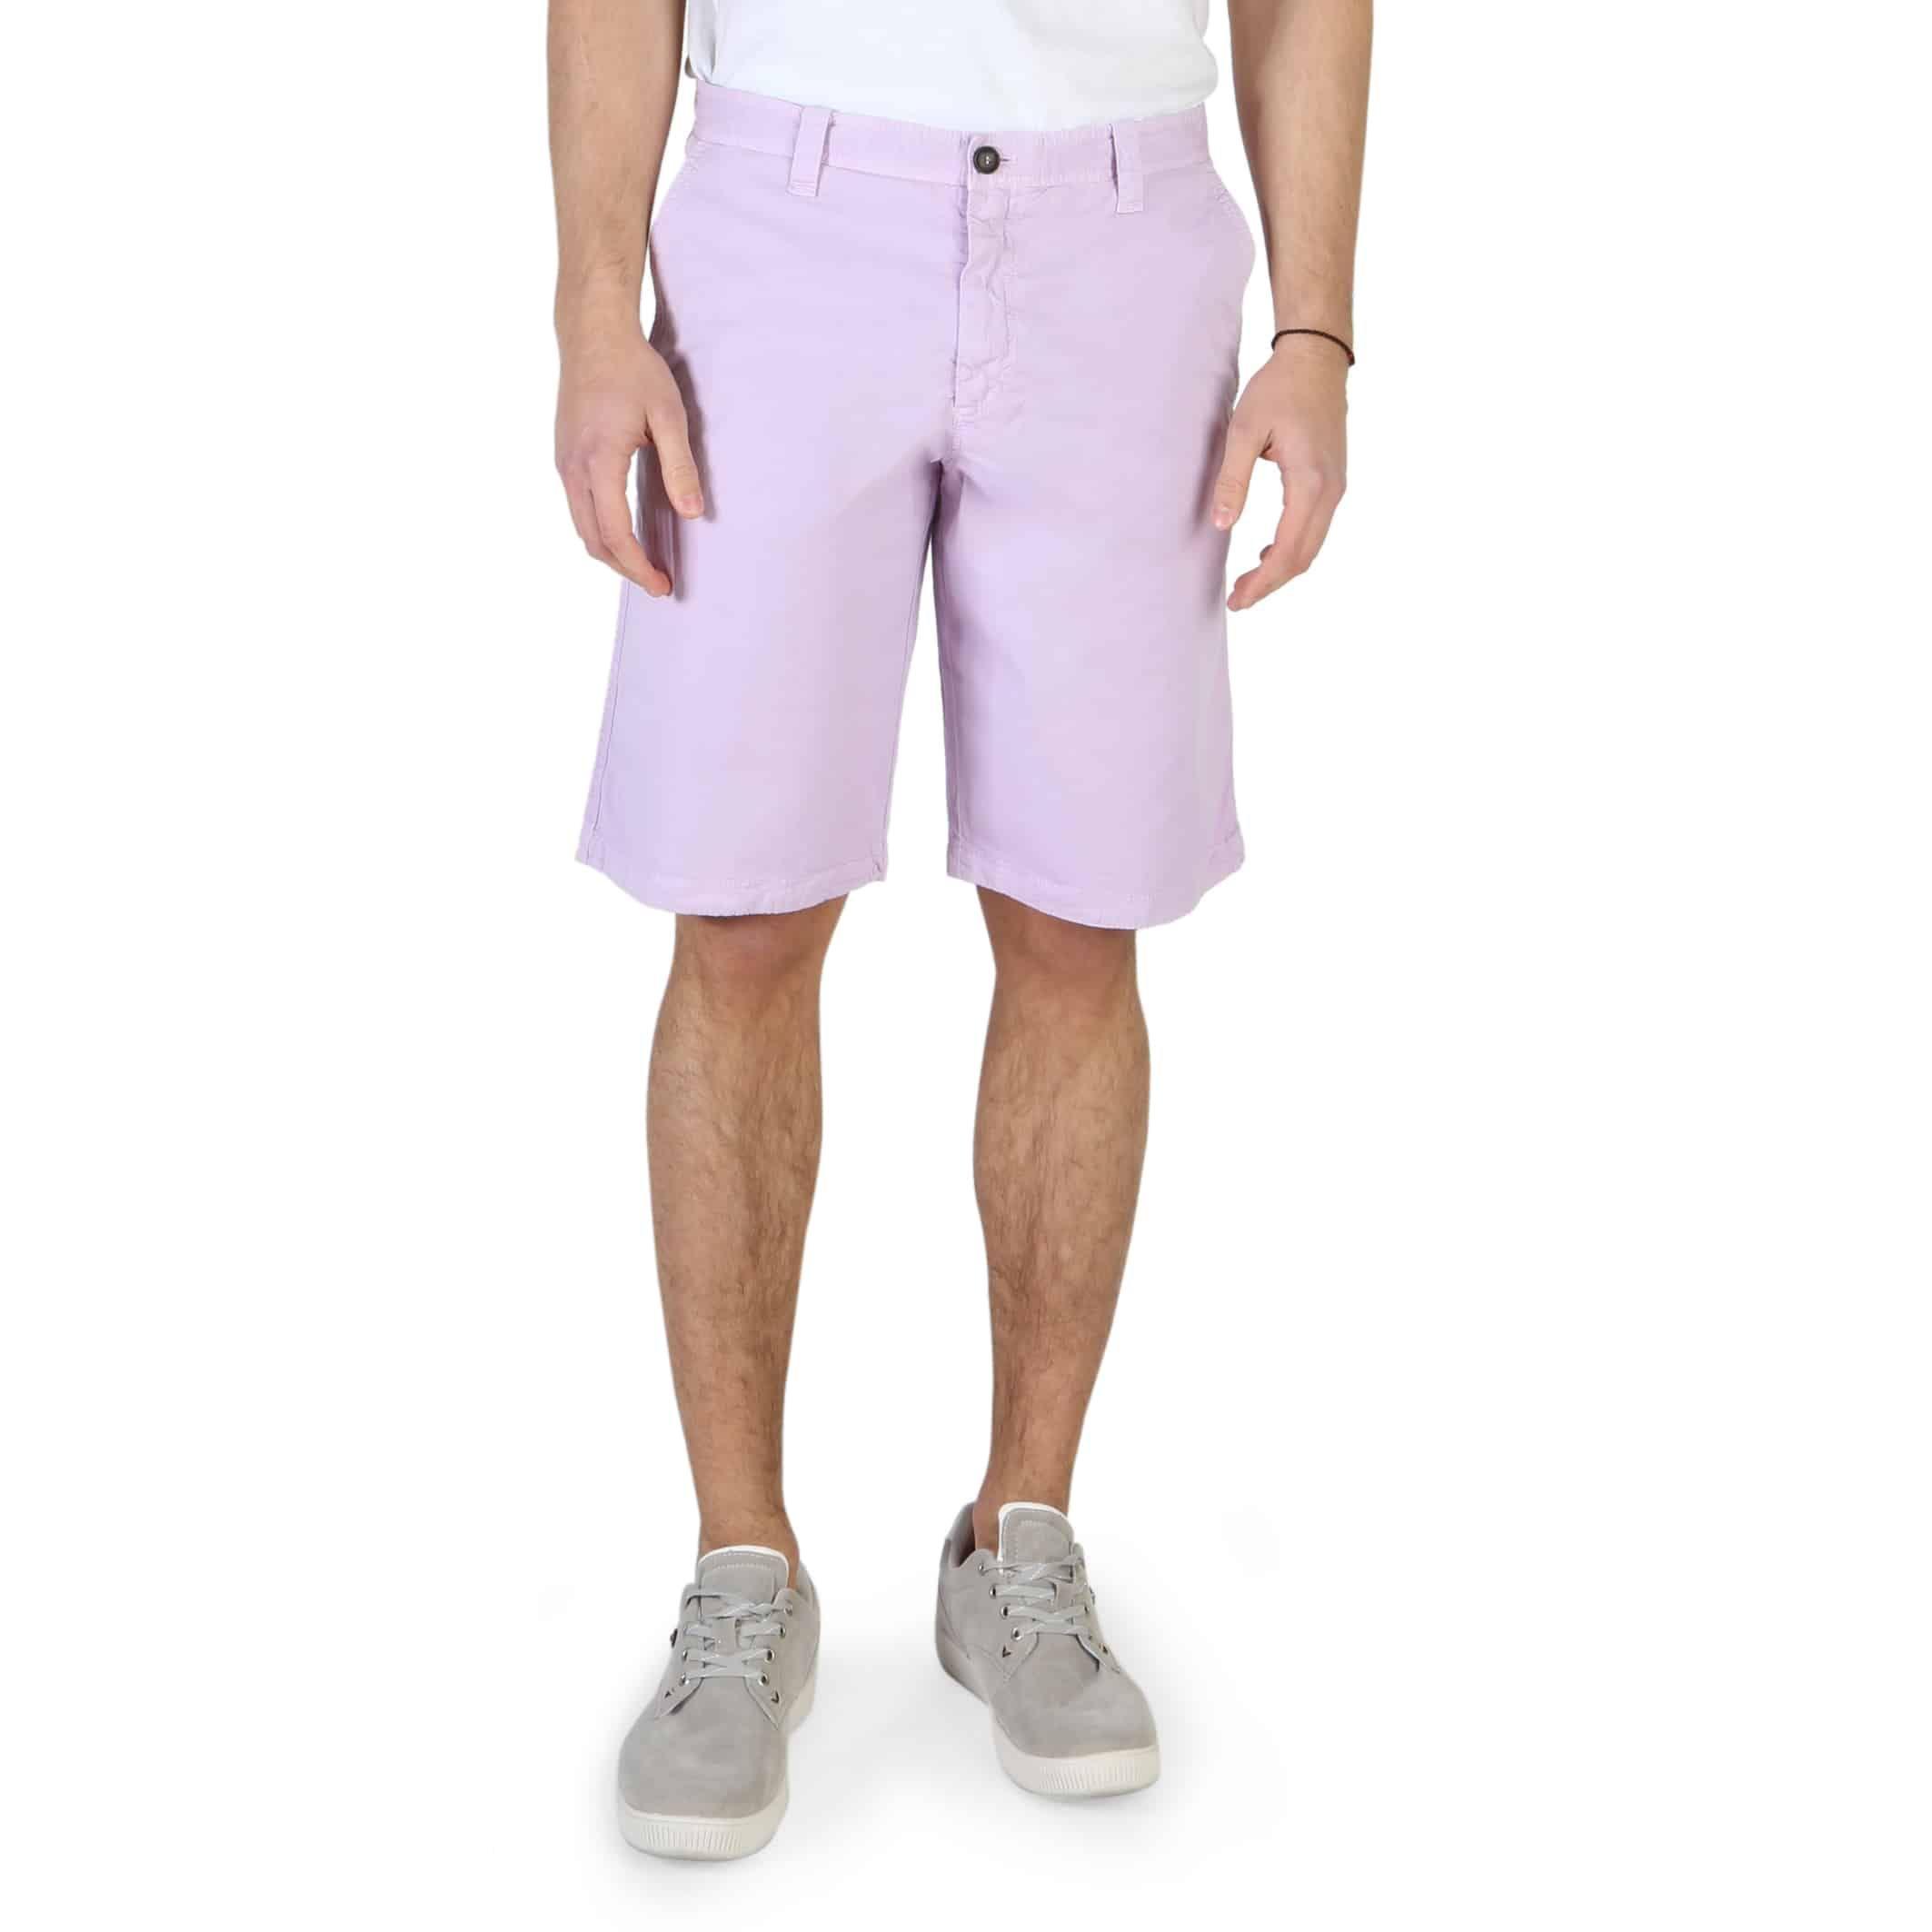 Bermuda Armani Jeans3Y6S75_6N21Z